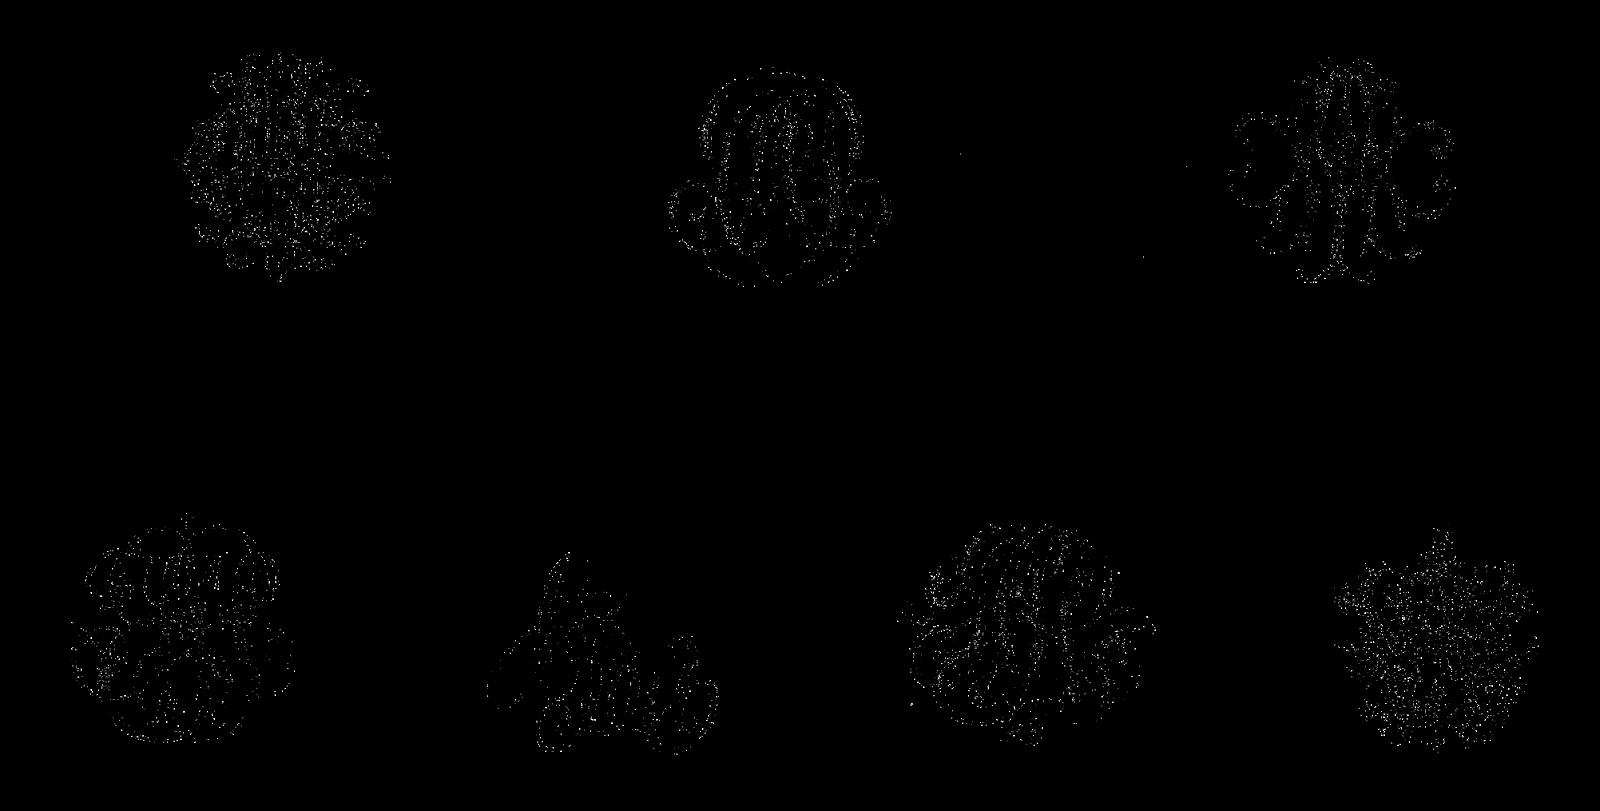 Free Printable Initial Monogram Designs